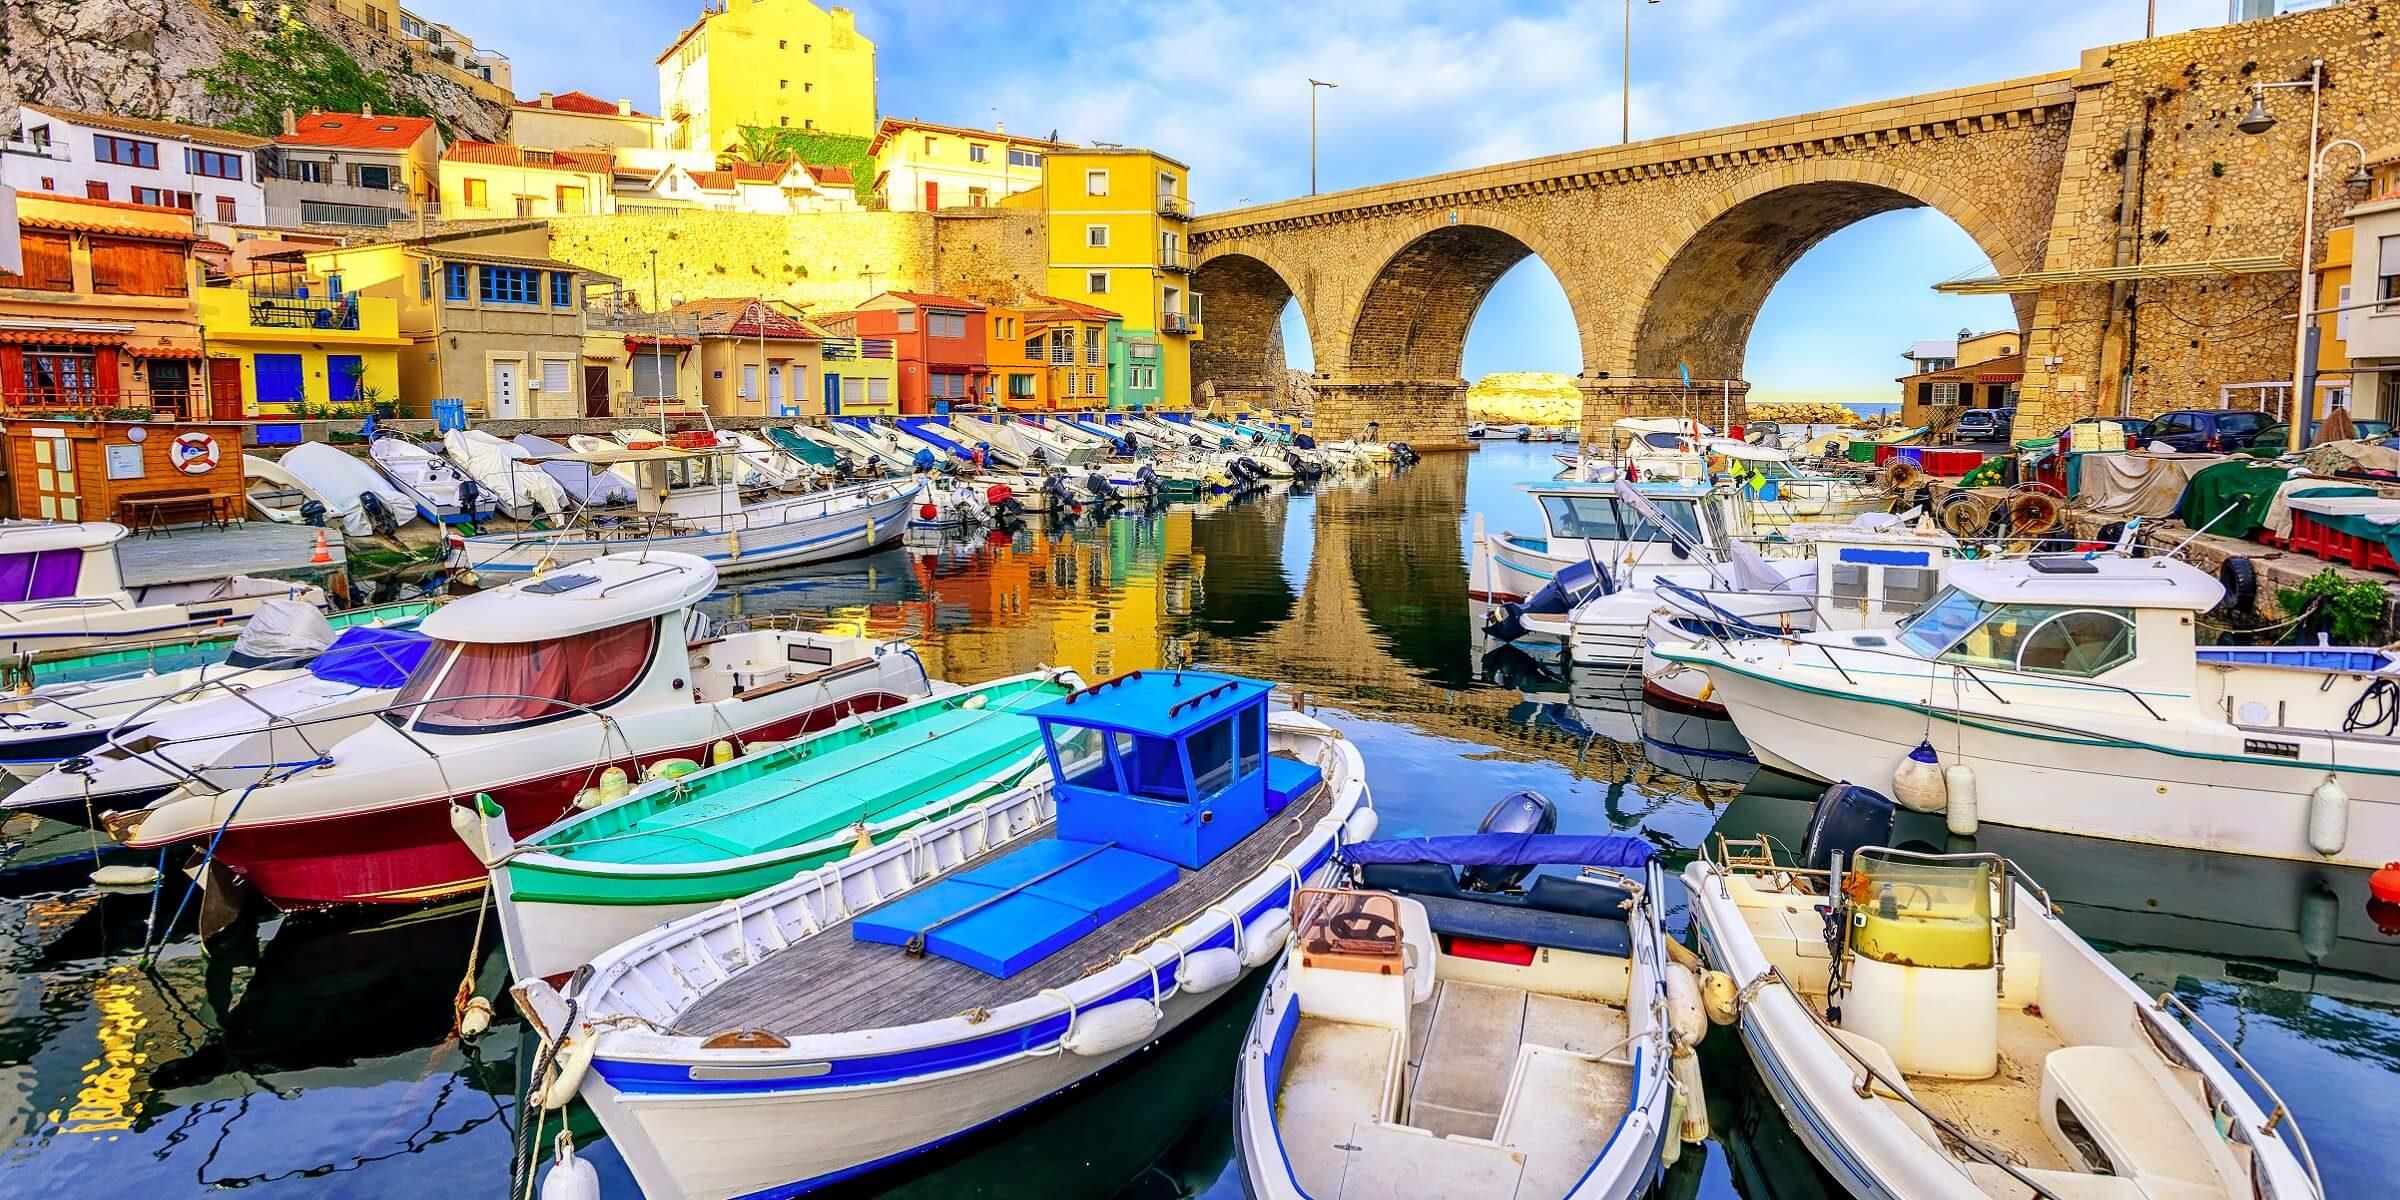 In Marseille werden Sie ganz viele kleine Boote am Hafen sehen